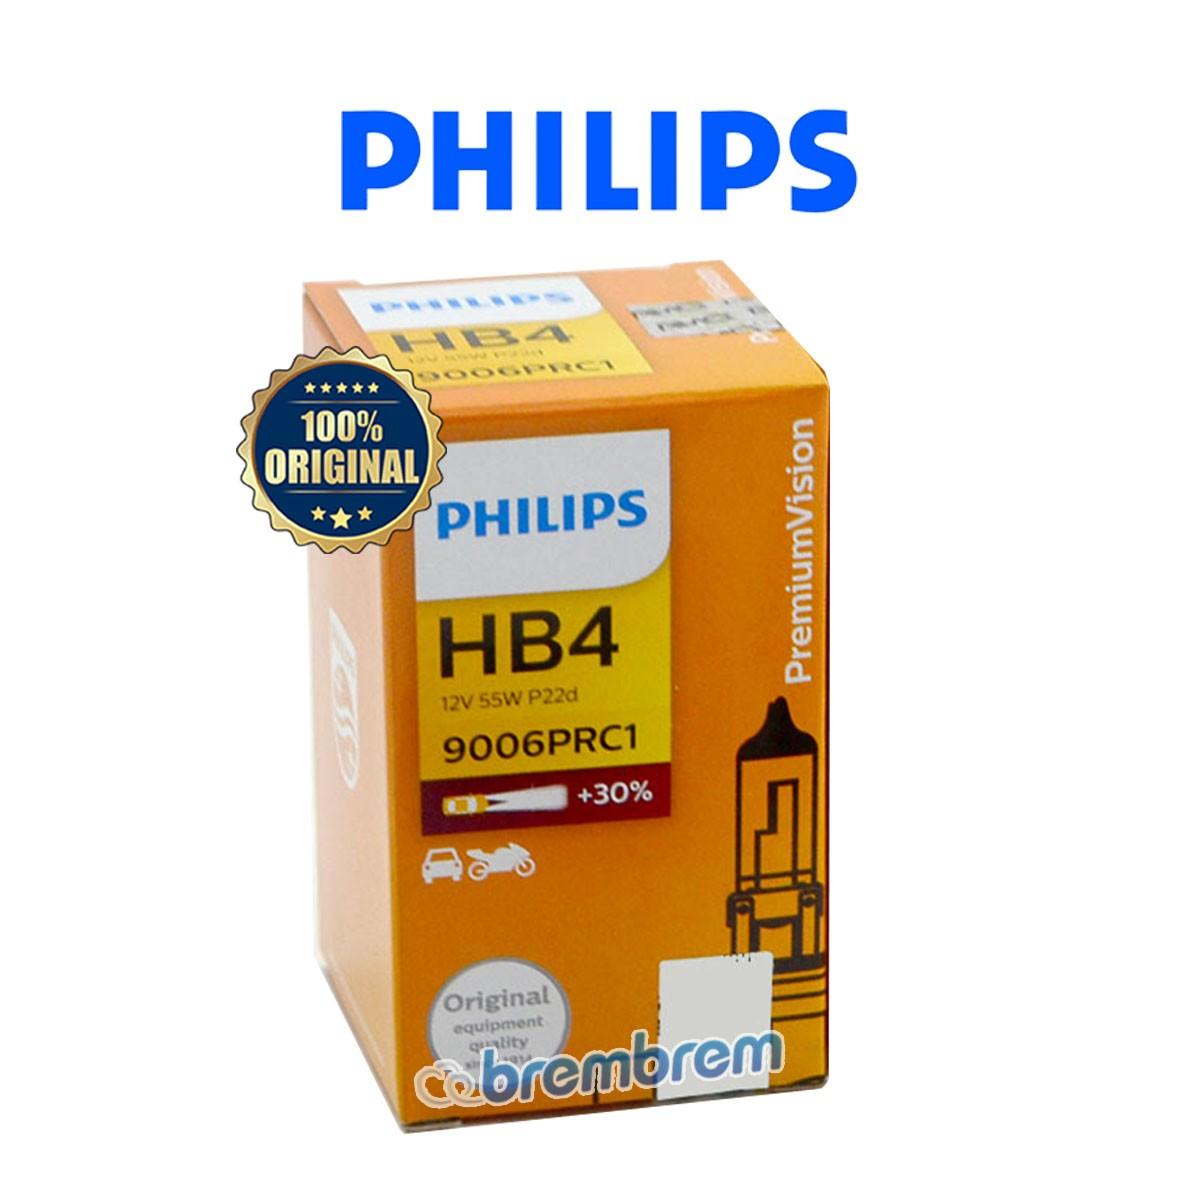 PHILIPS PREMIUM VISION HB4 - LAMPU HALOGEN